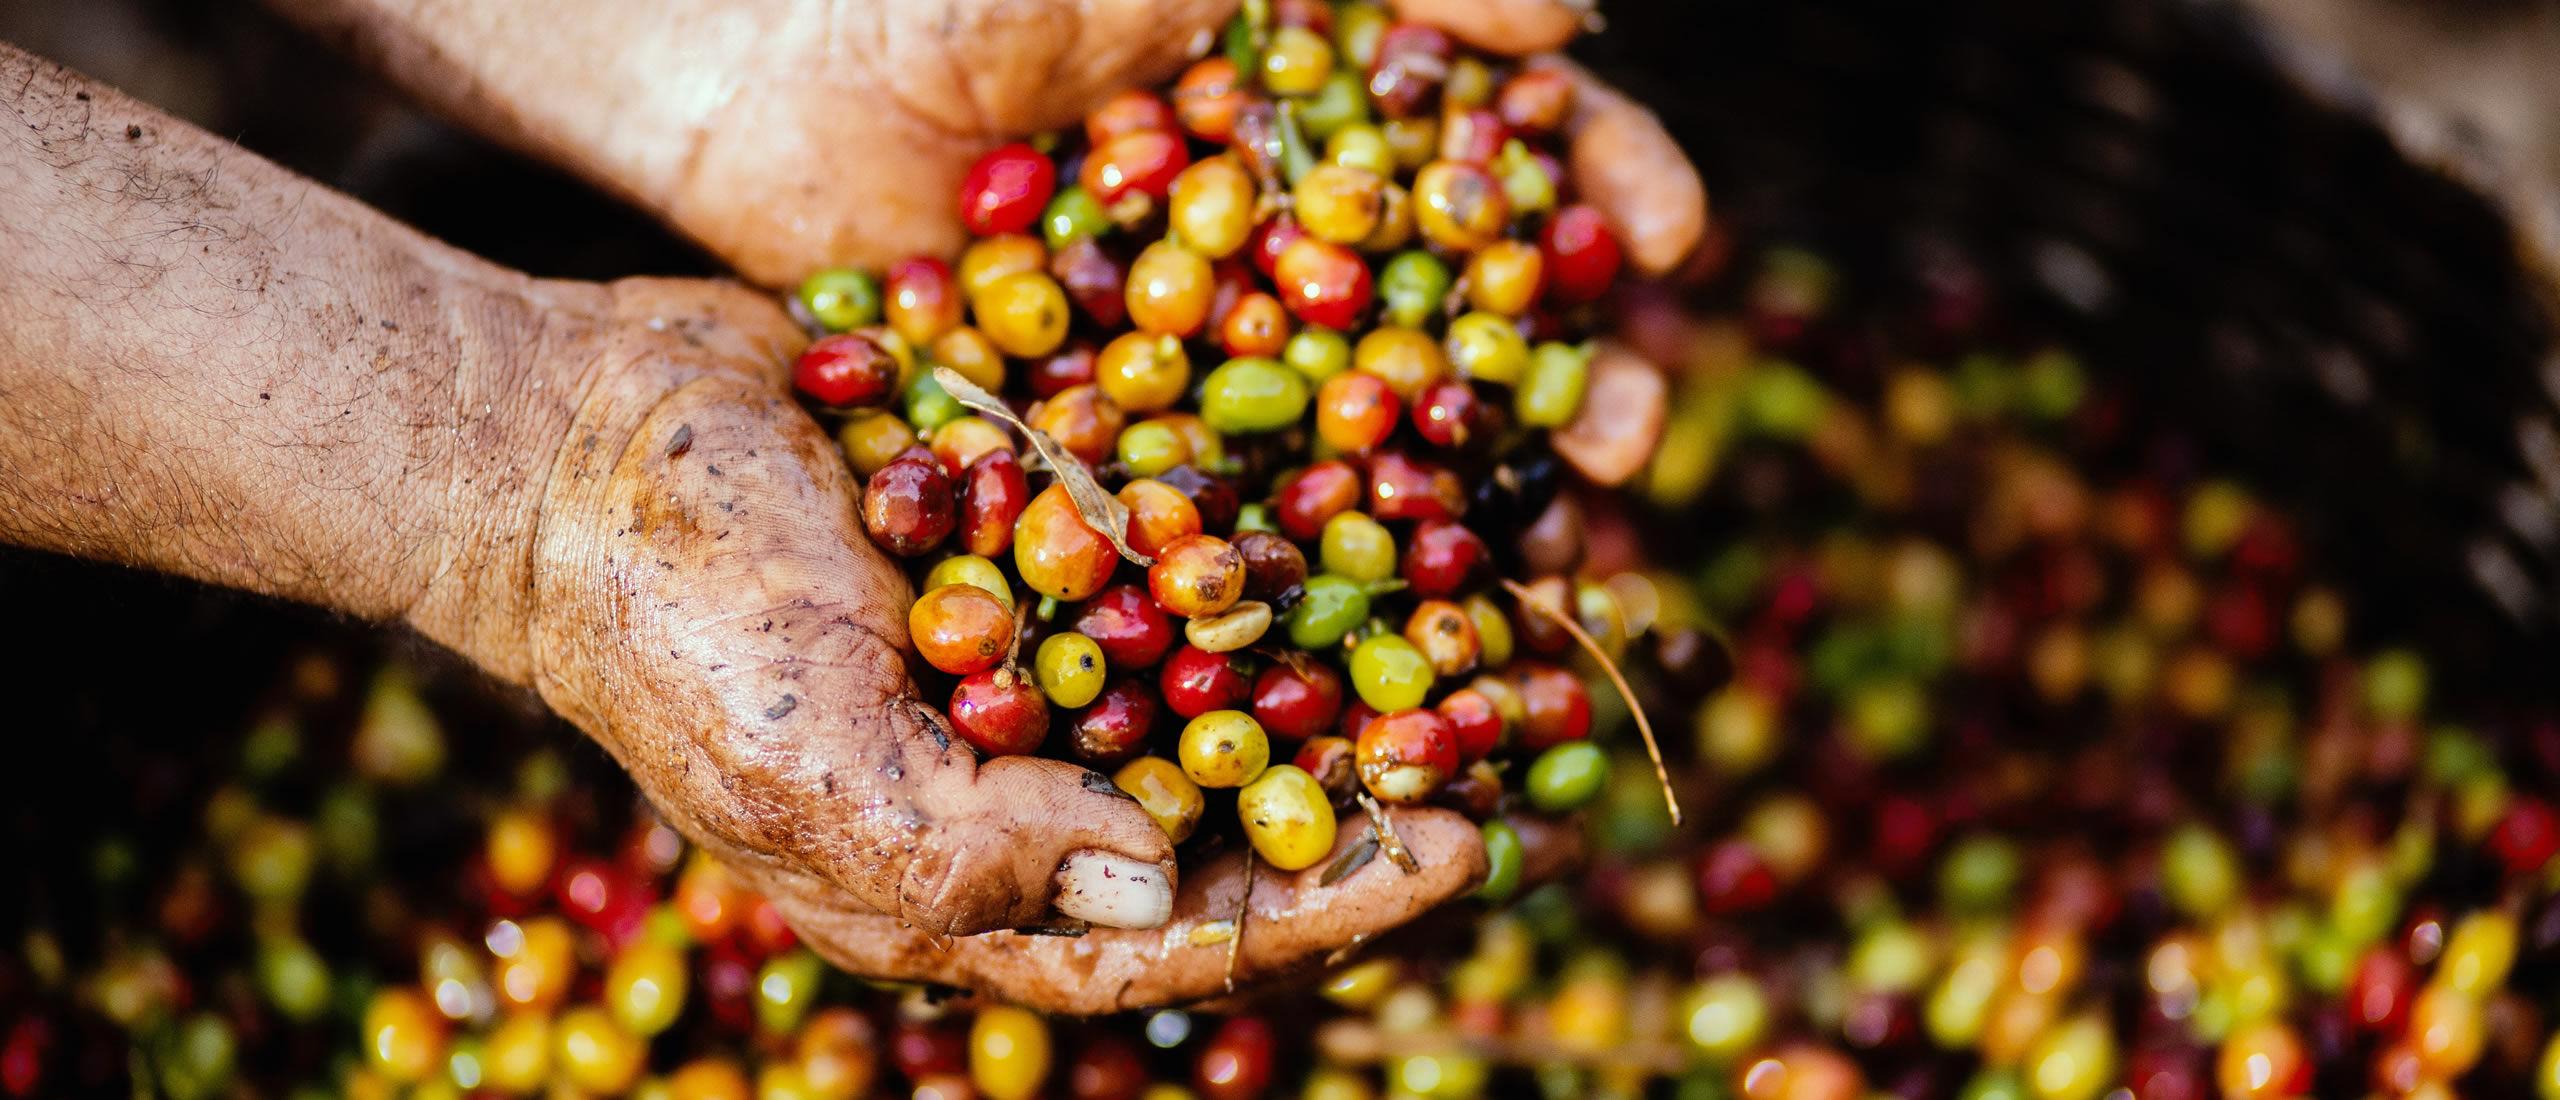 Geschäftsbedingungen - Kaffee Gourmet